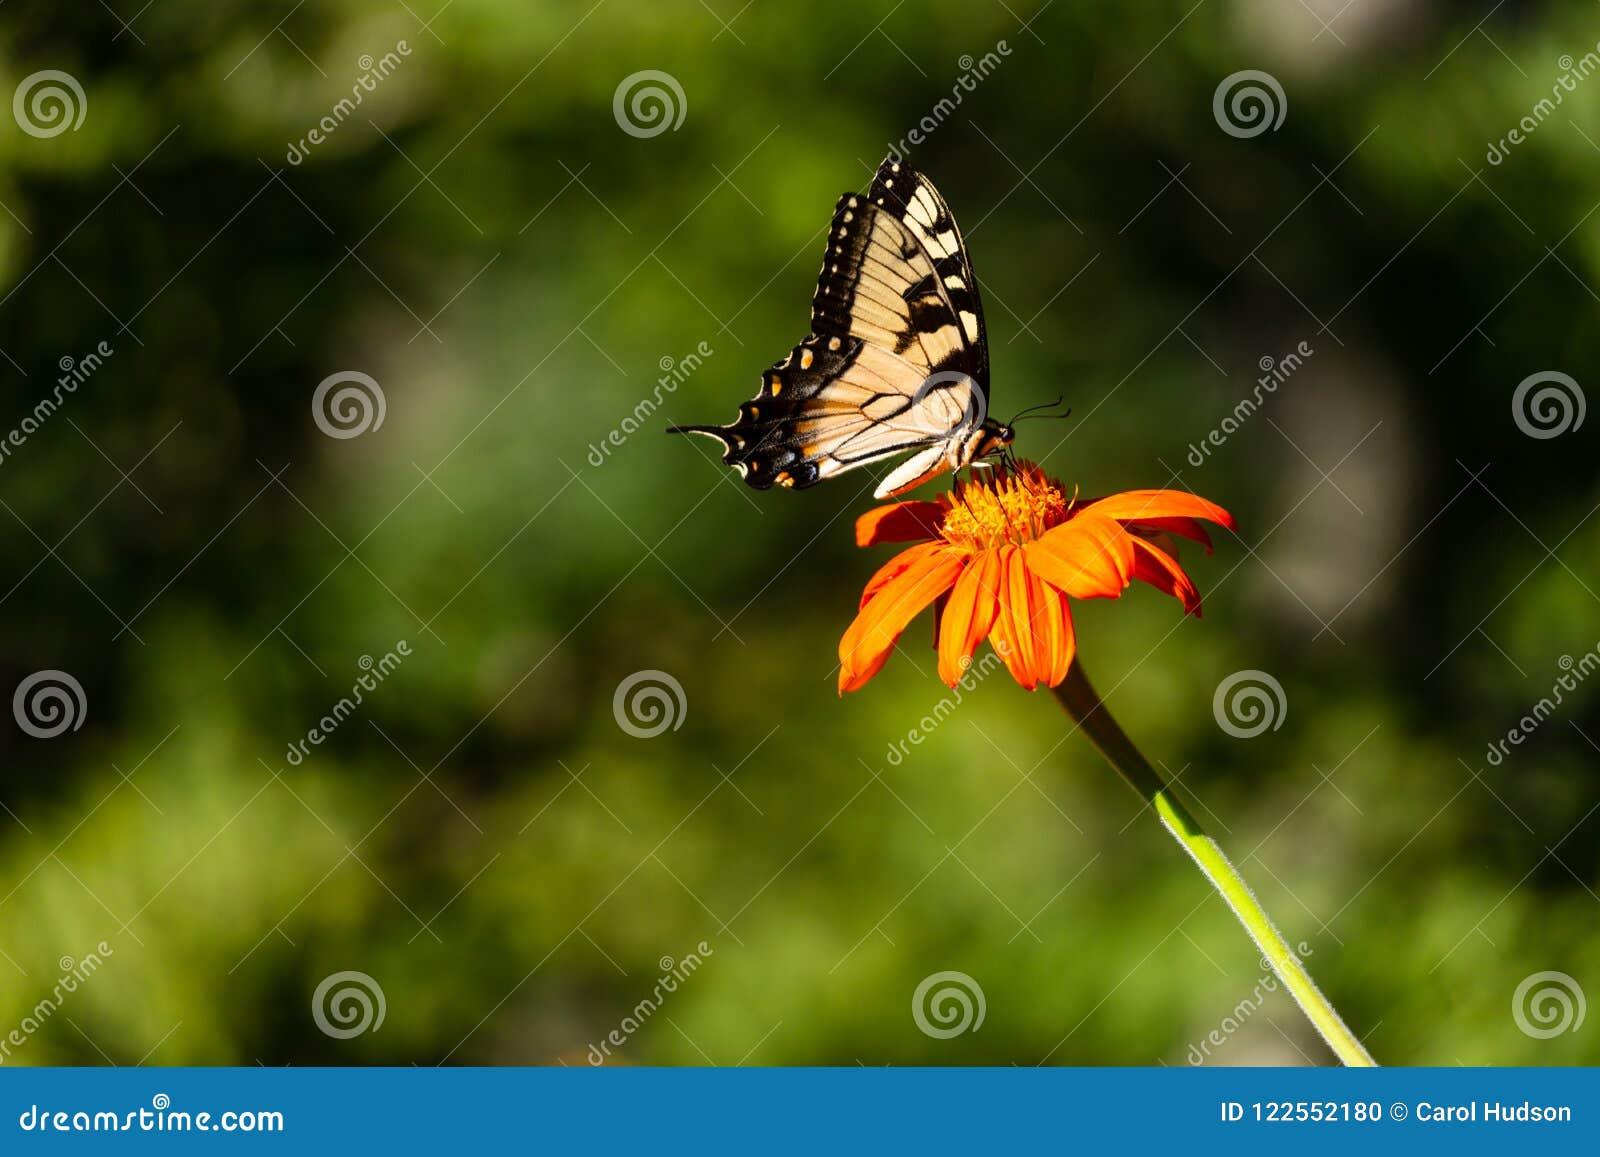 An Eastern Tiger Swallowtail butterfly on an orange flower.